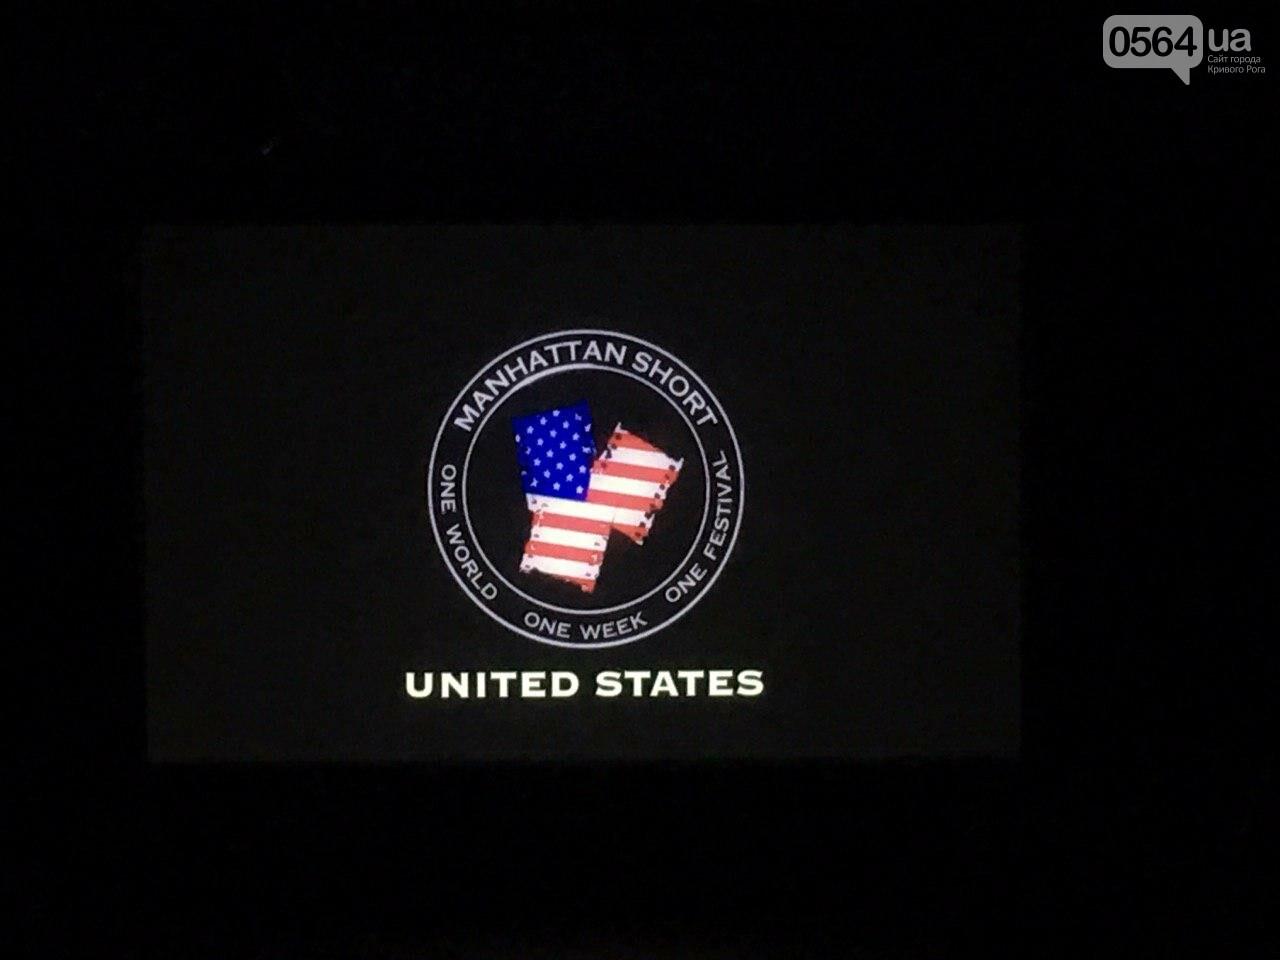 Криворожане проголосовали за лучшие короткометражные фильмы, показанные в рамках Манхеттенского фестиваля, - ФОТО, ВИДЕО , фото-1